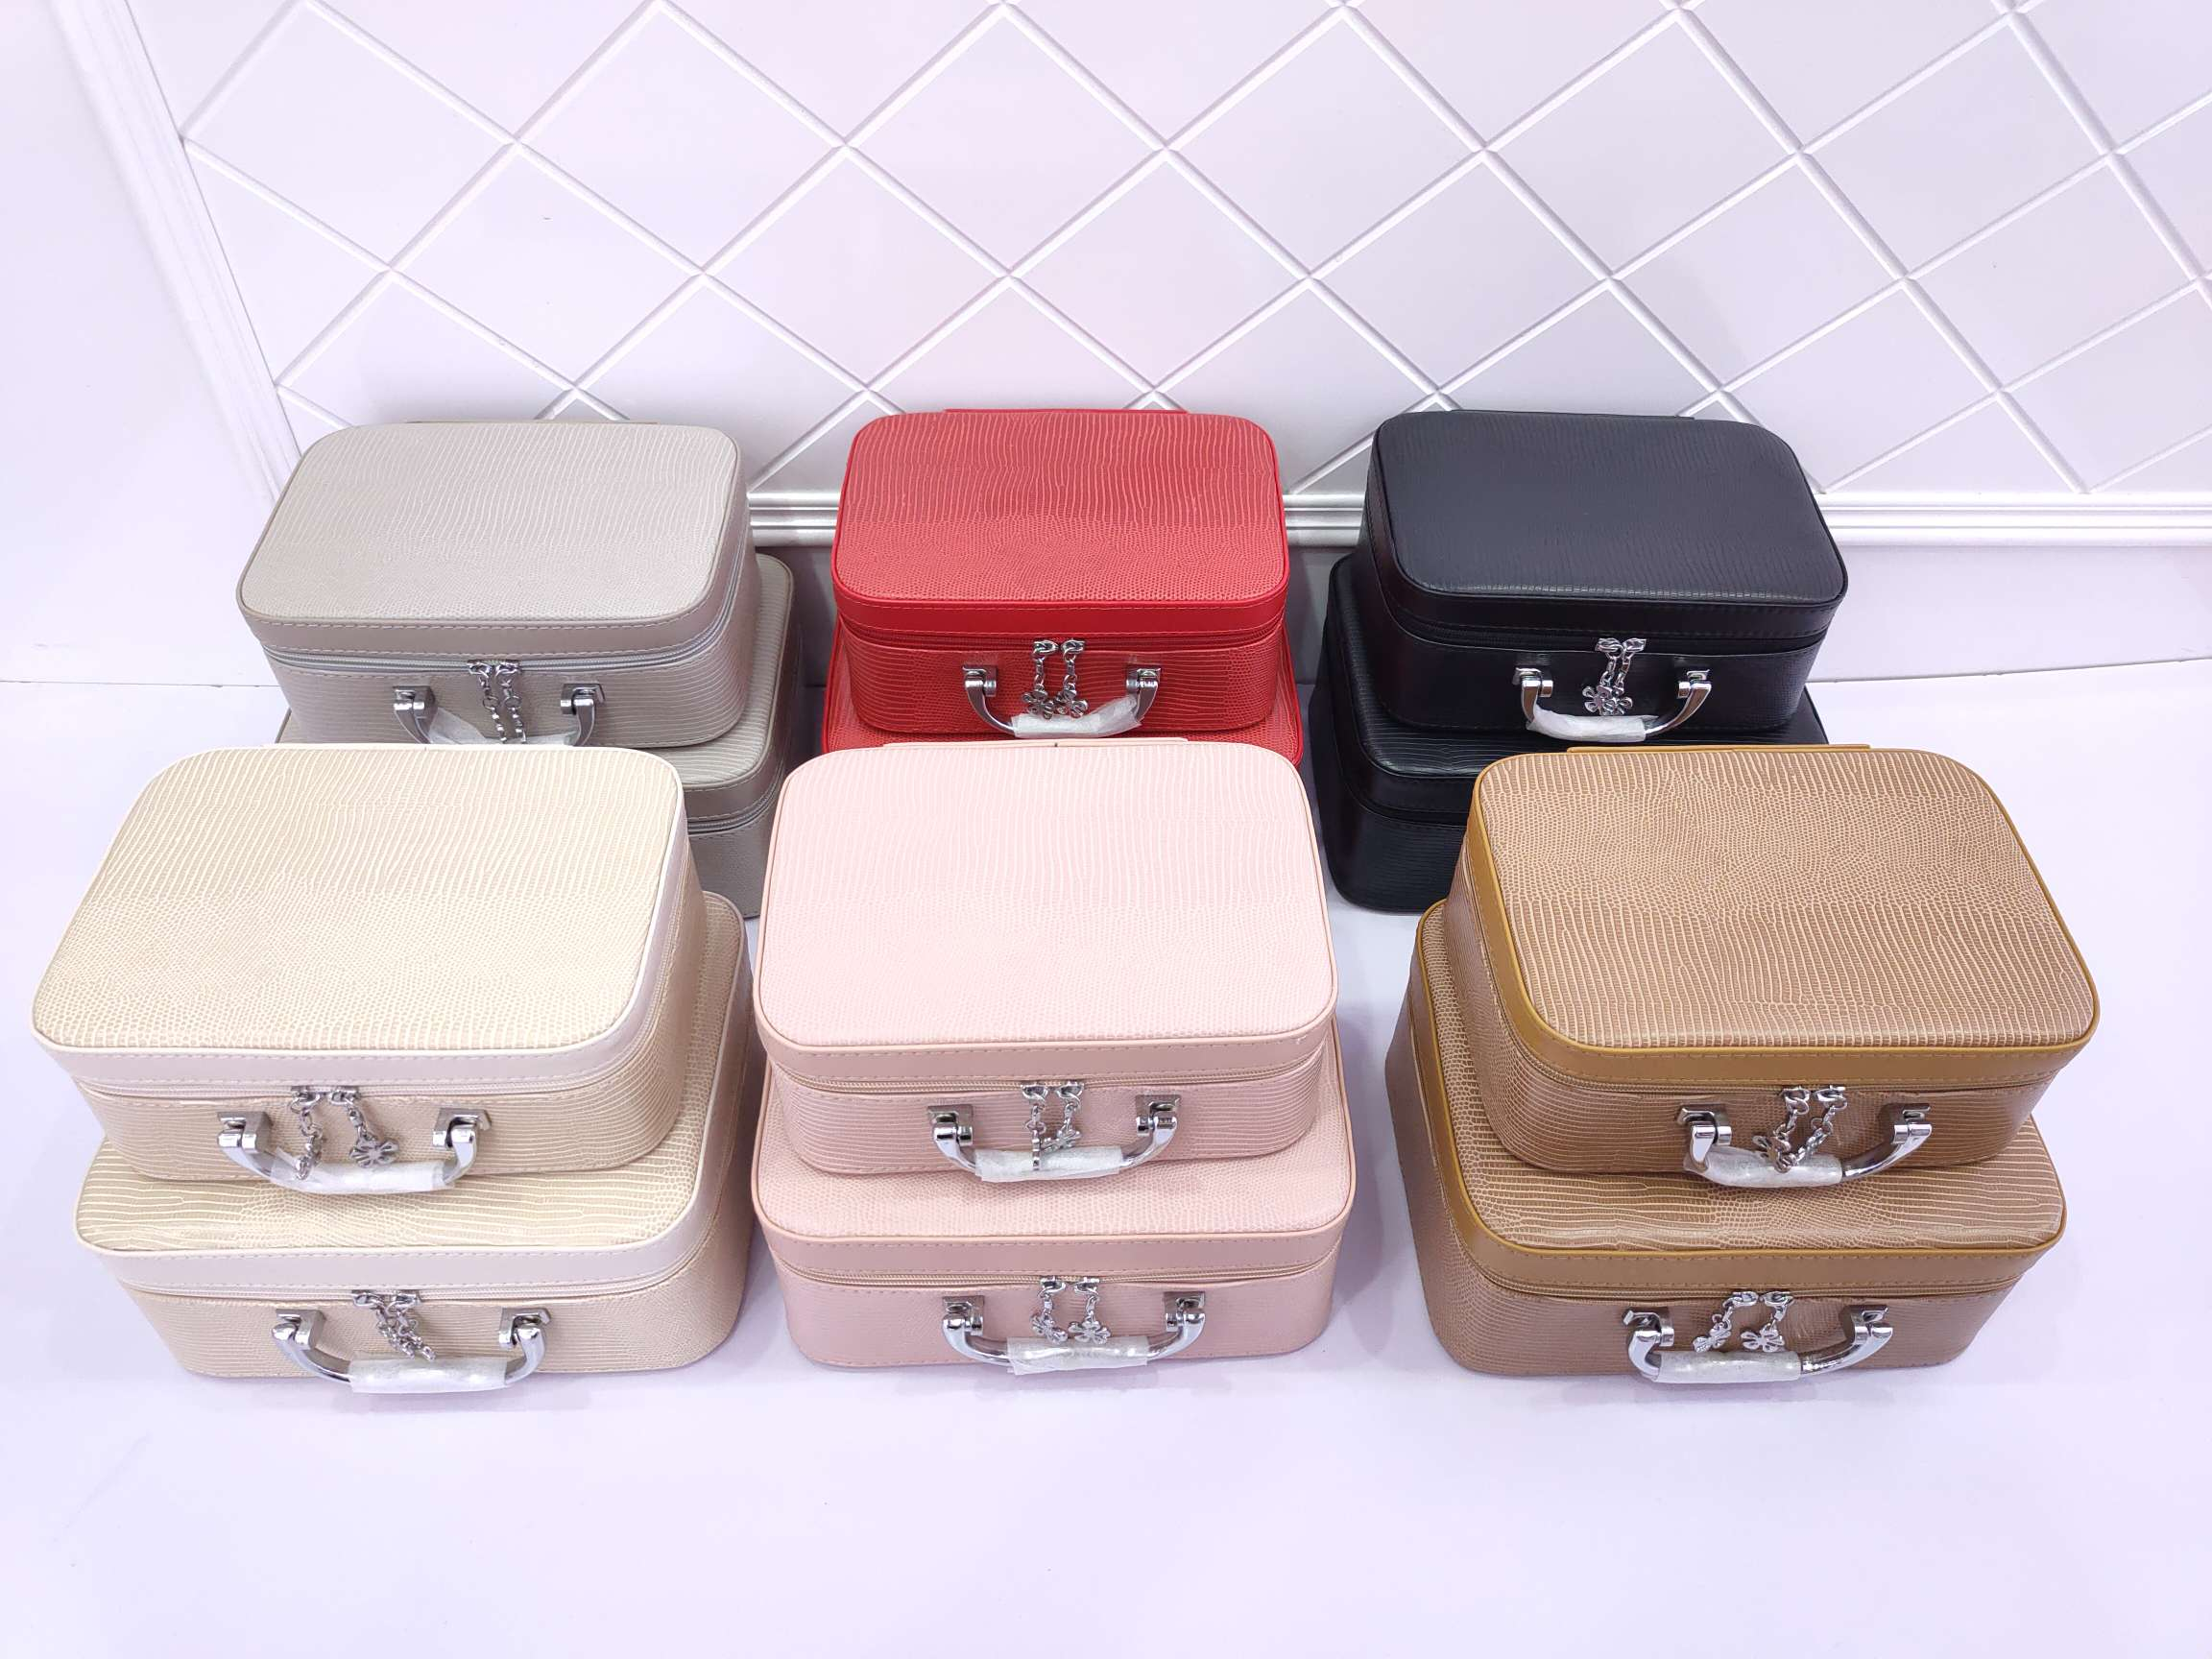 瑾奇 多功能化妆箱 厂家直销化妆品护肤品收纳盒 手提化妆盒  X8015